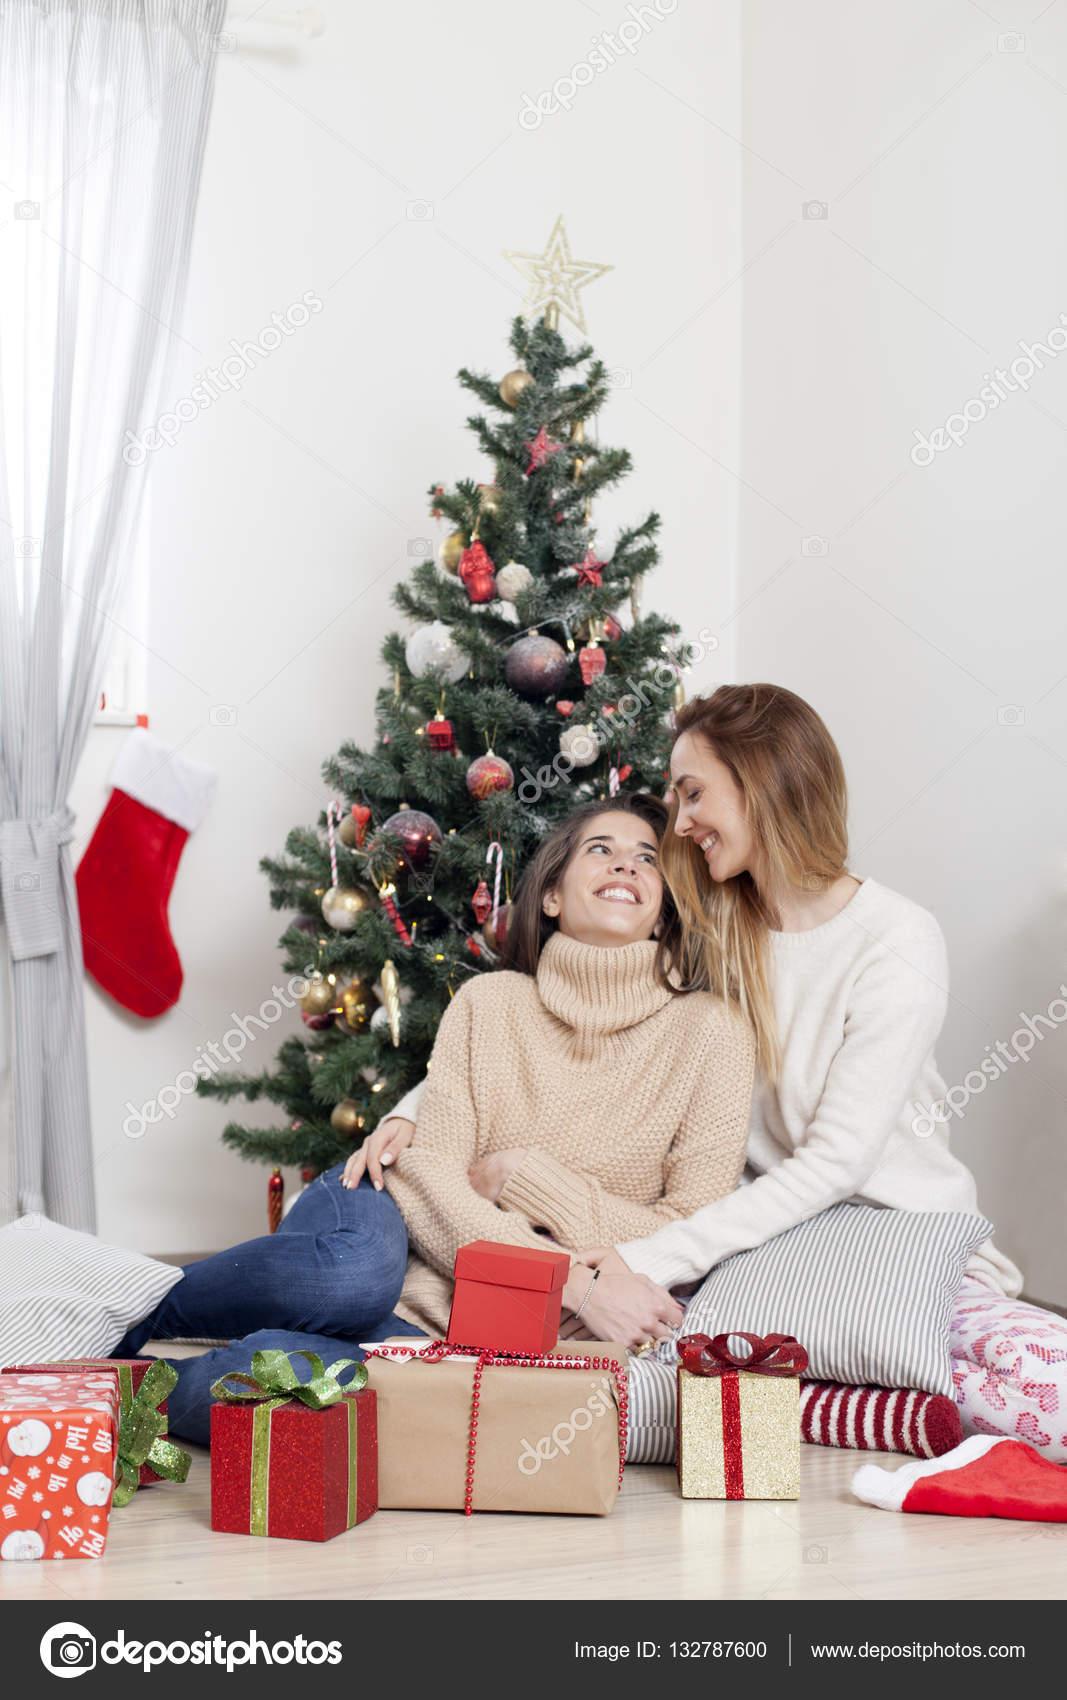 Frauen neben Weihnachtsbaum mit Weihnachtsgeschenke — Stockfoto ...